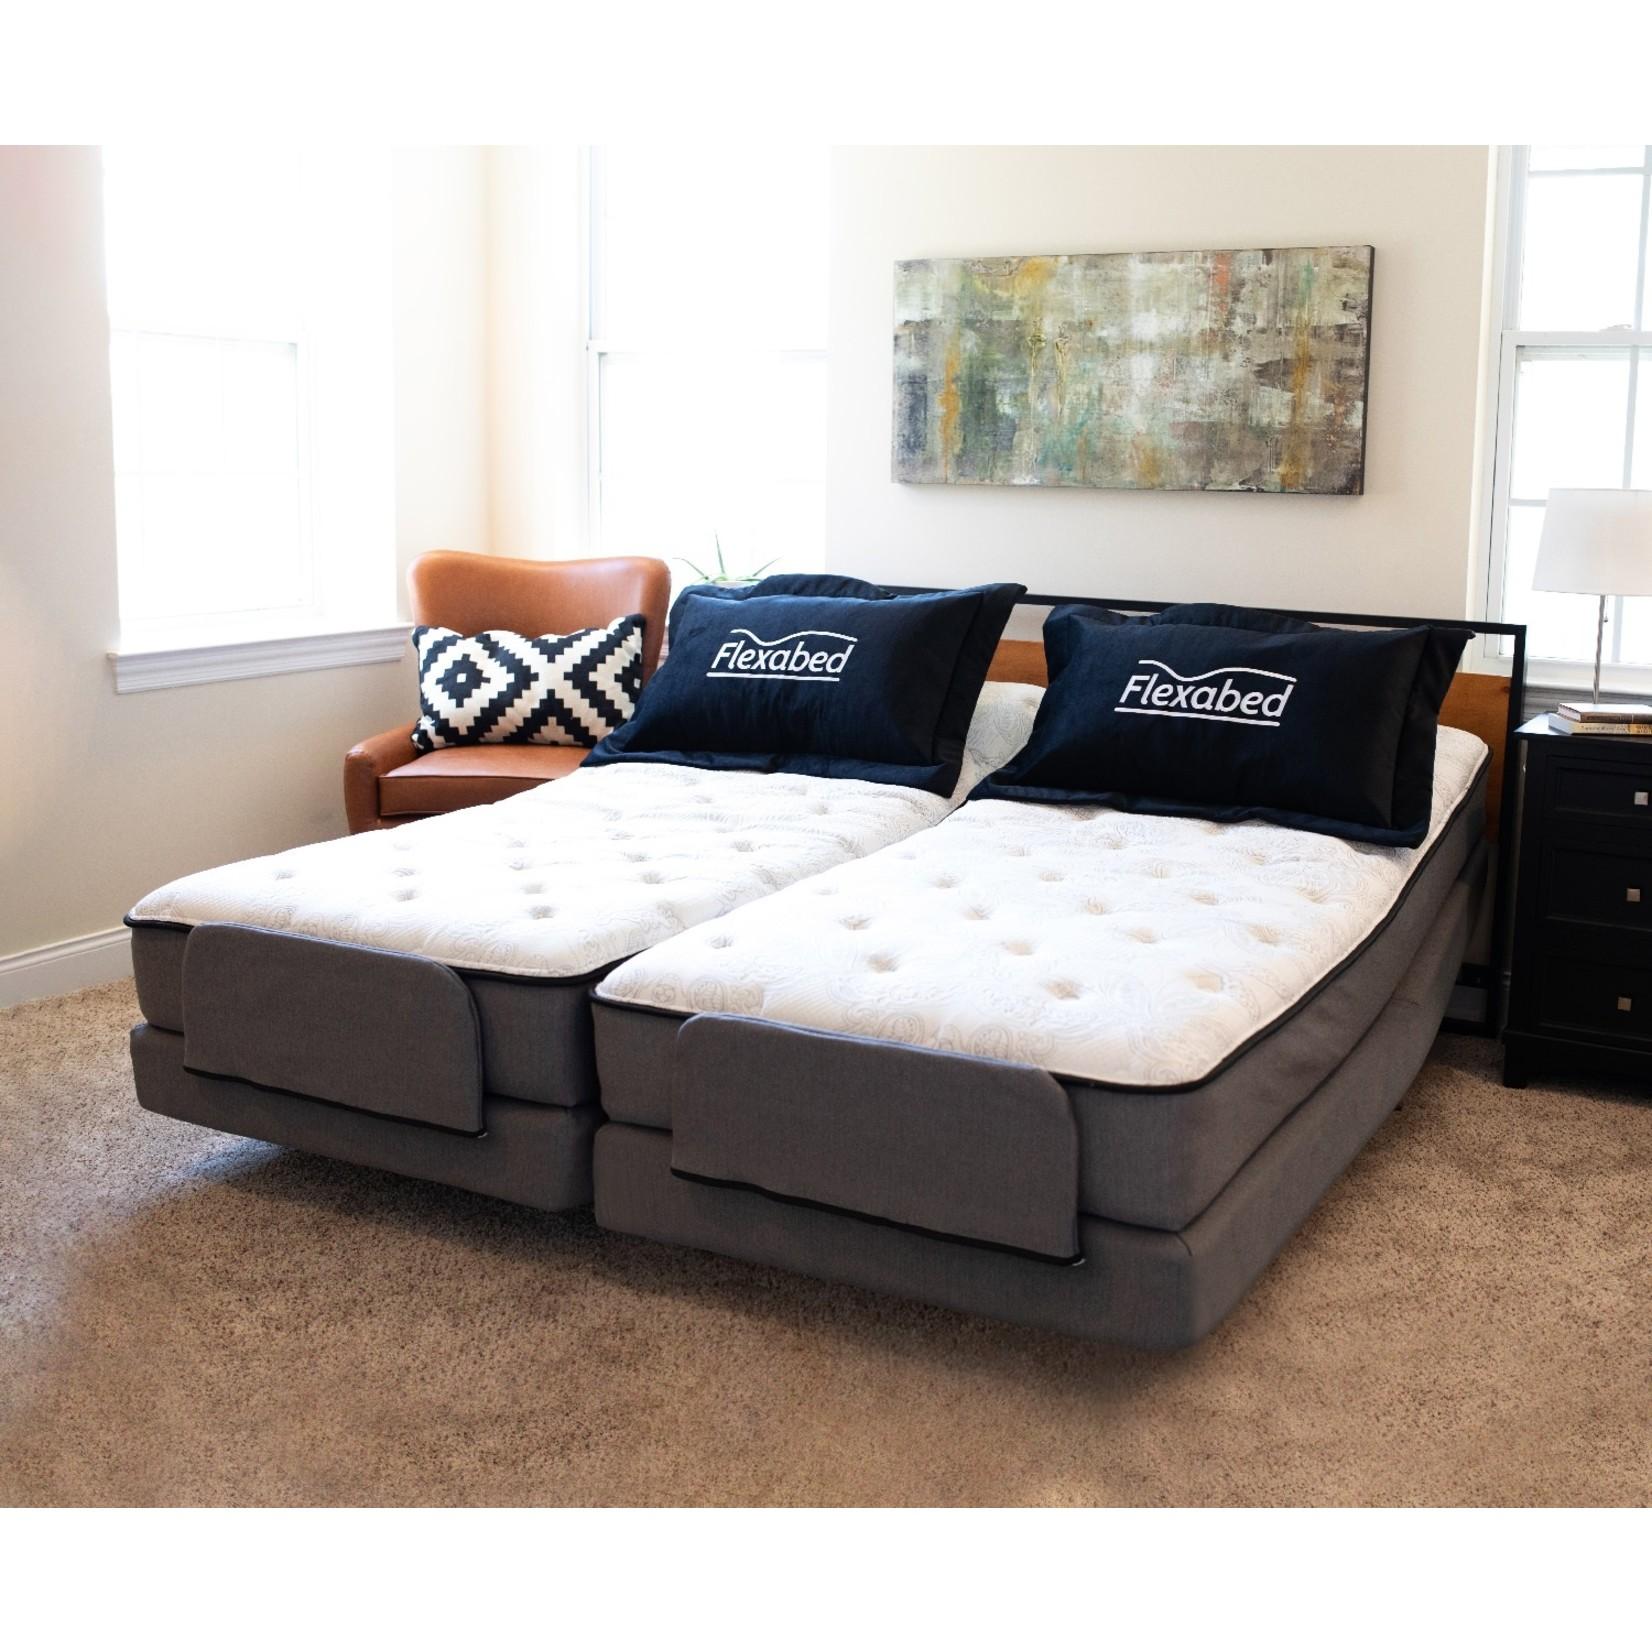 Premier Adjustable Bed